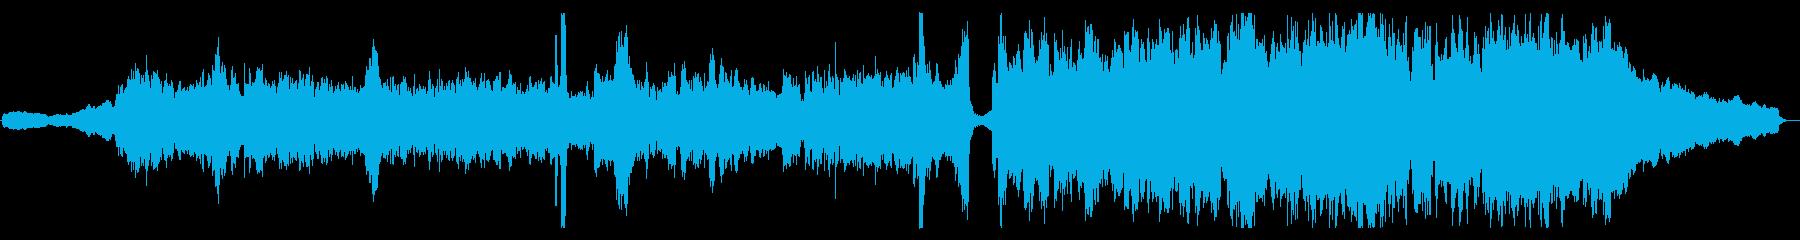 生演奏《感動的!フルート&オーケストラ》の再生済みの波形